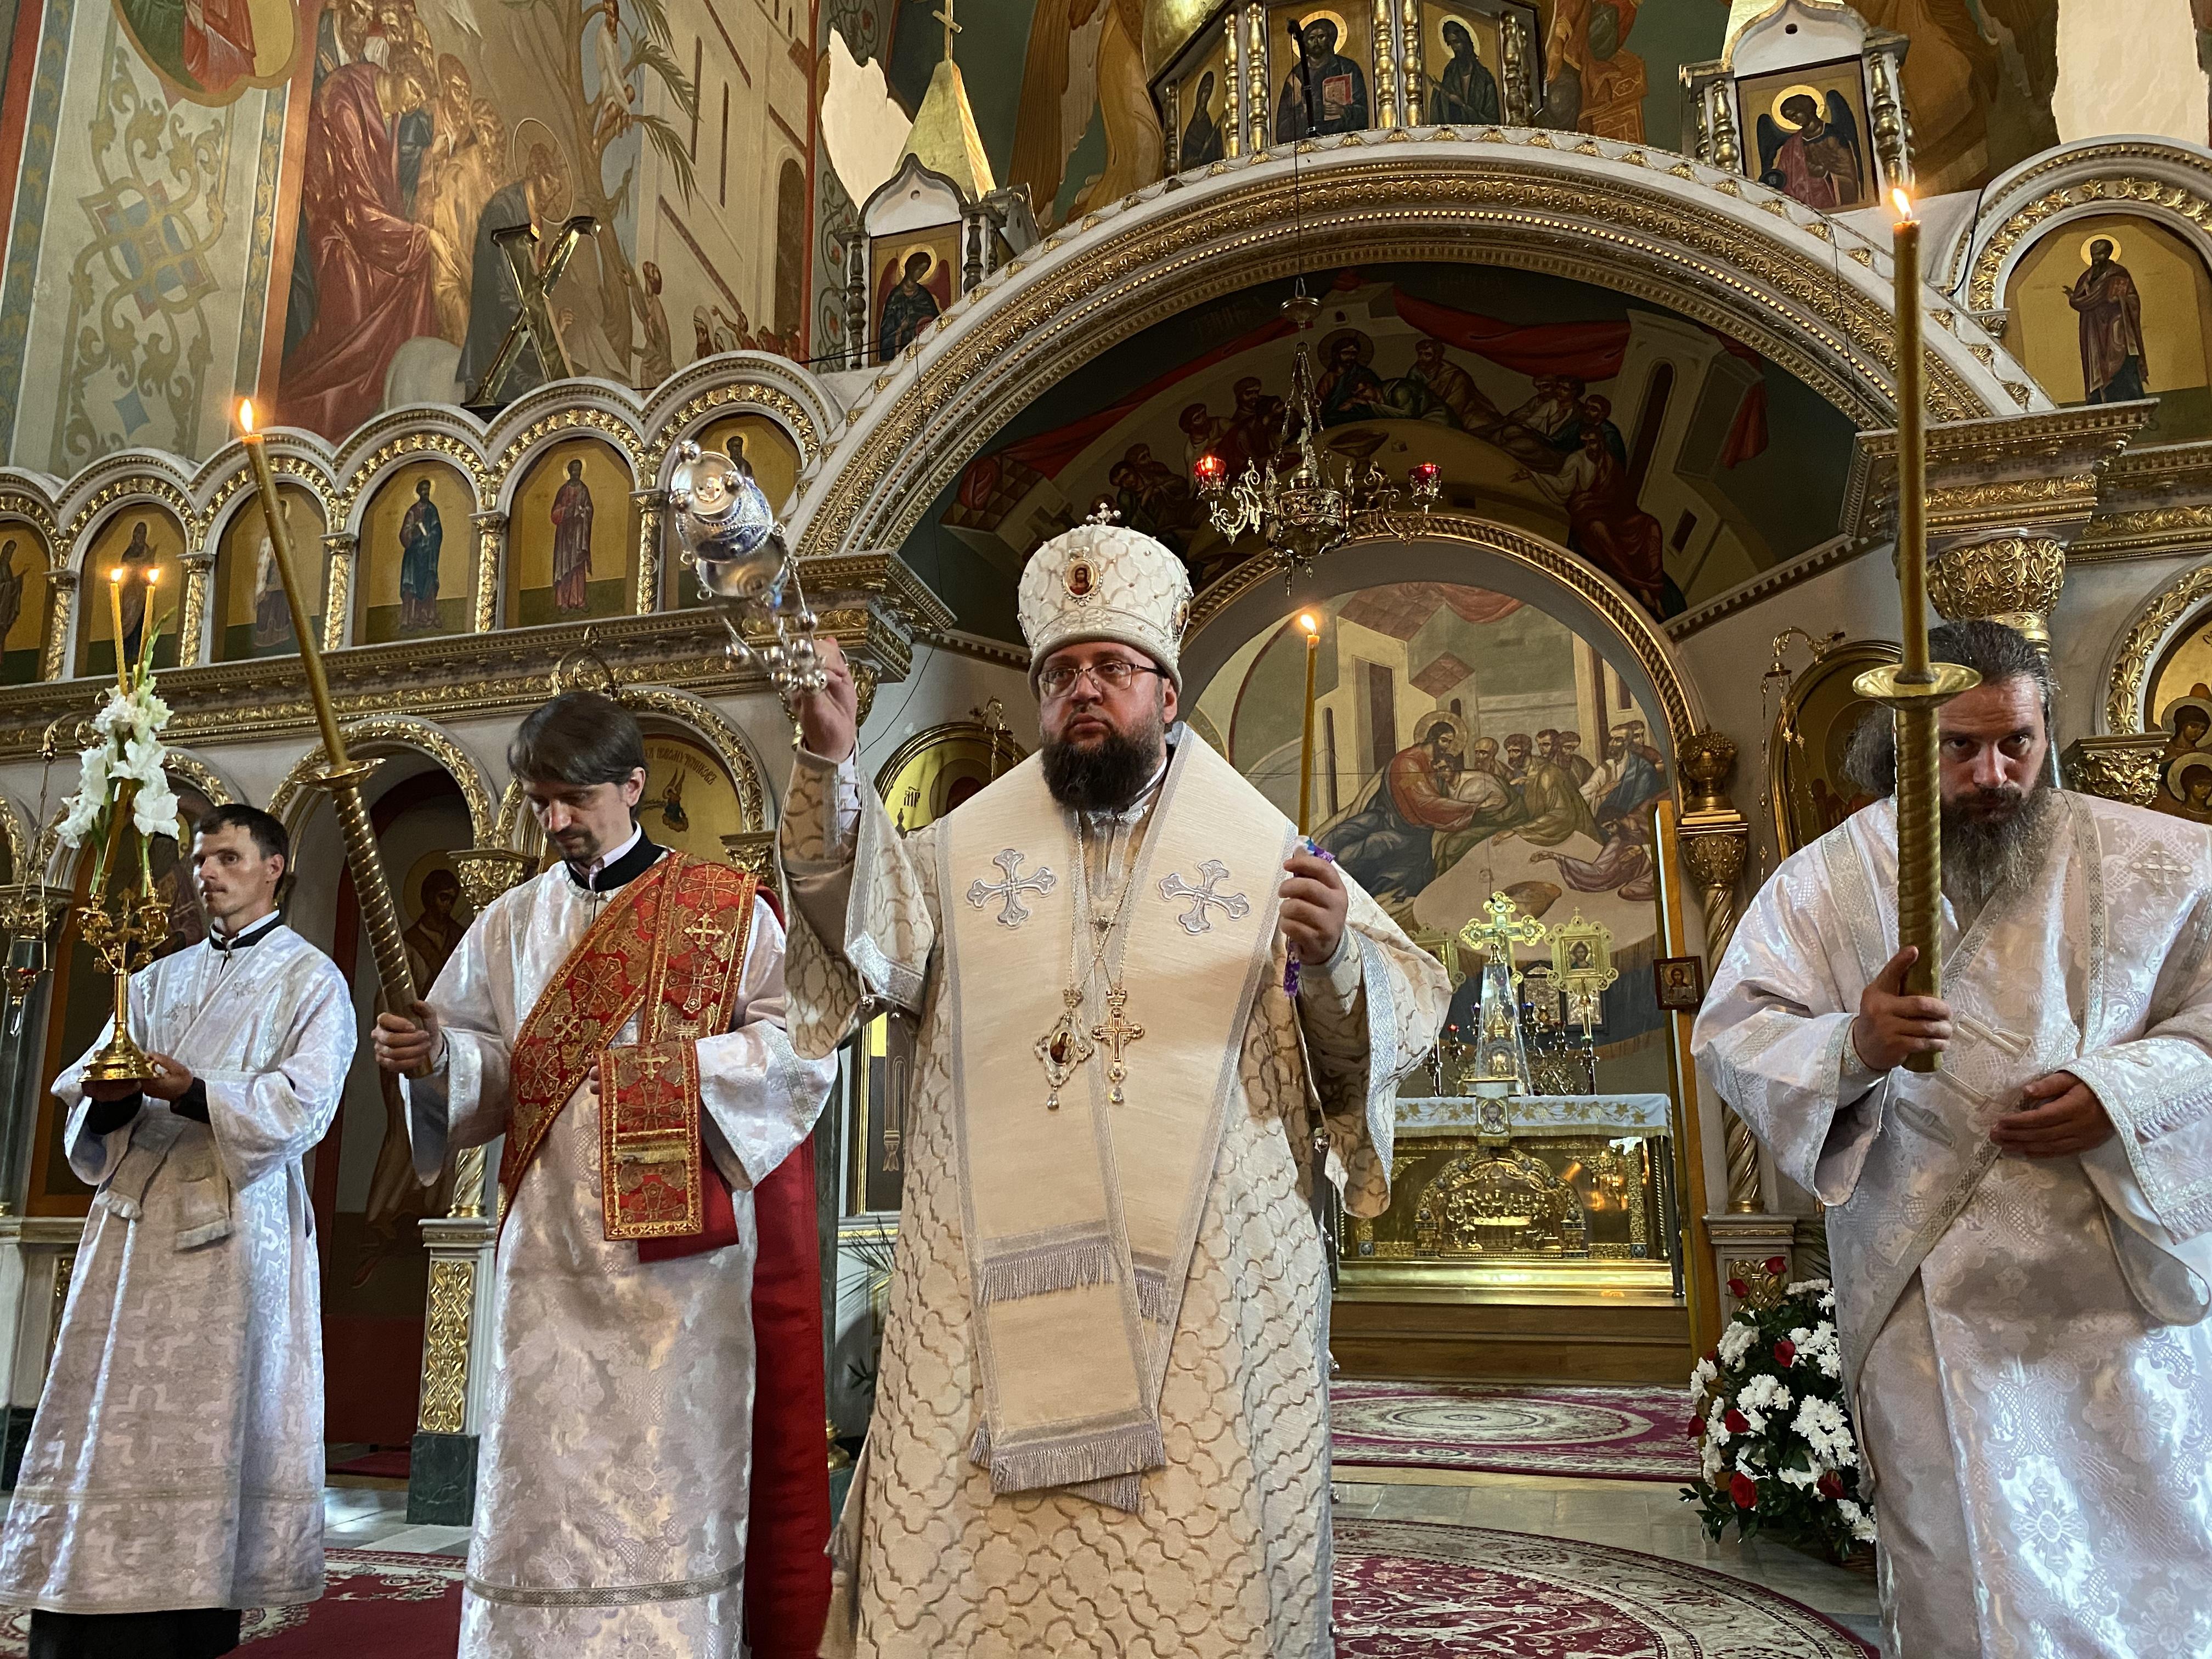 Єпископ Білогородський Сильвестр взяв участь у богослужінні у 40-й день упокоєння митрополита Черкаського і Канівського Софронія